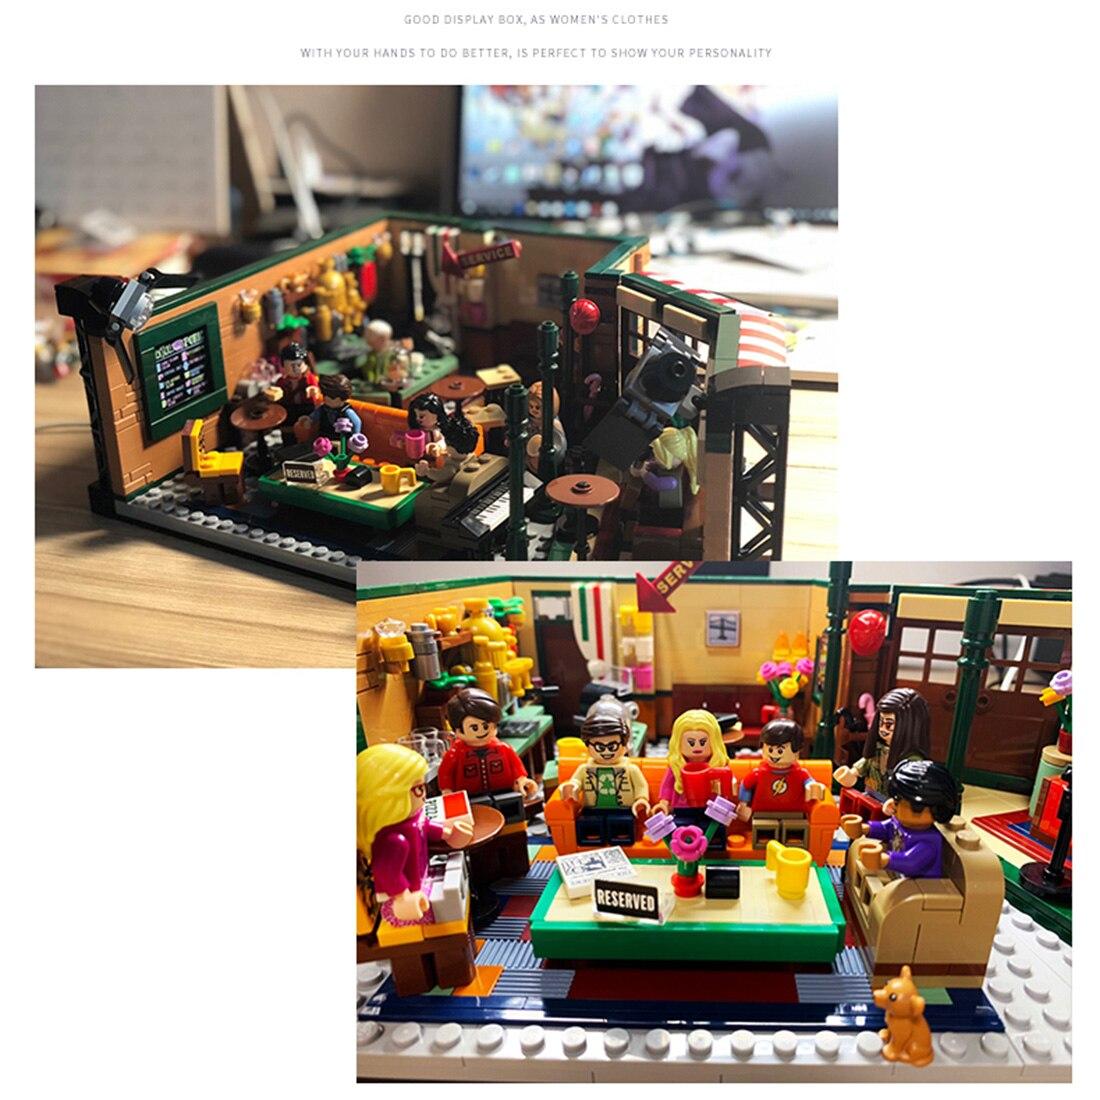 3/5 мм строительный блок акриловые пыле Дисплей коробка литье коробок для друзей кафе 21319 Укладка блоков 21319 игрушки, детские кубики, подарки ... - 5